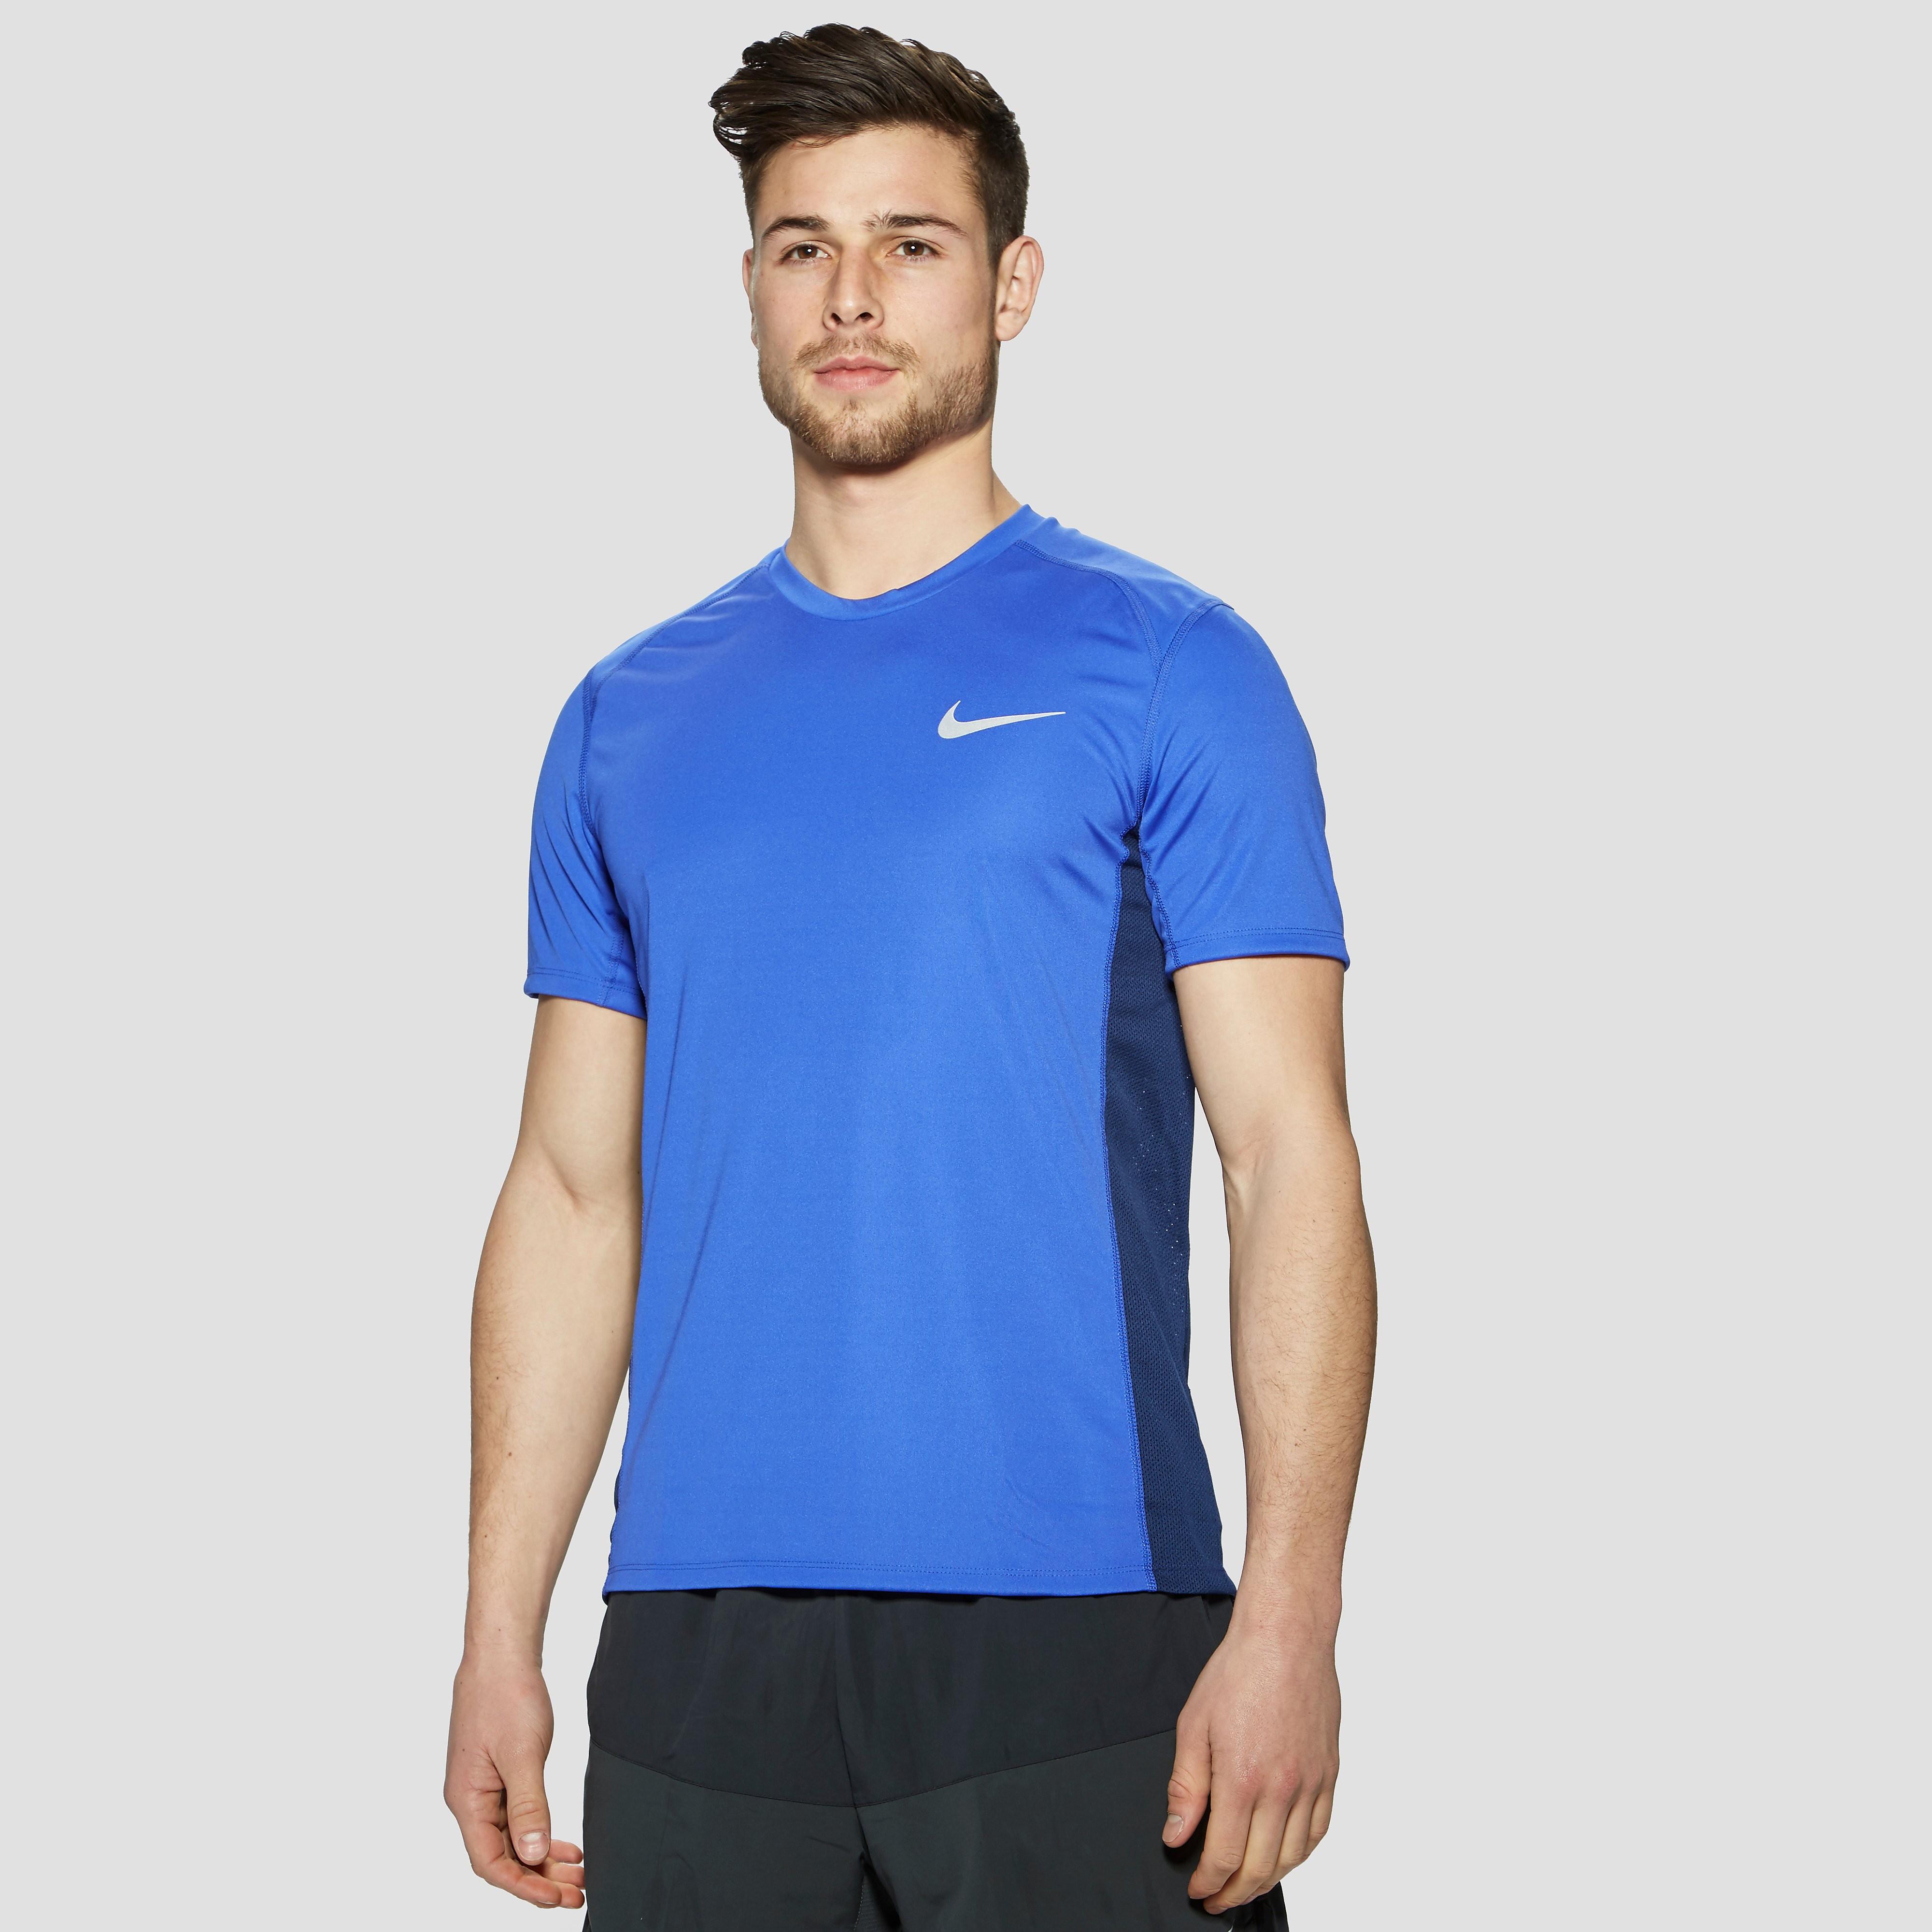 Nike Miler Short Sleeve Men's T-Shirt